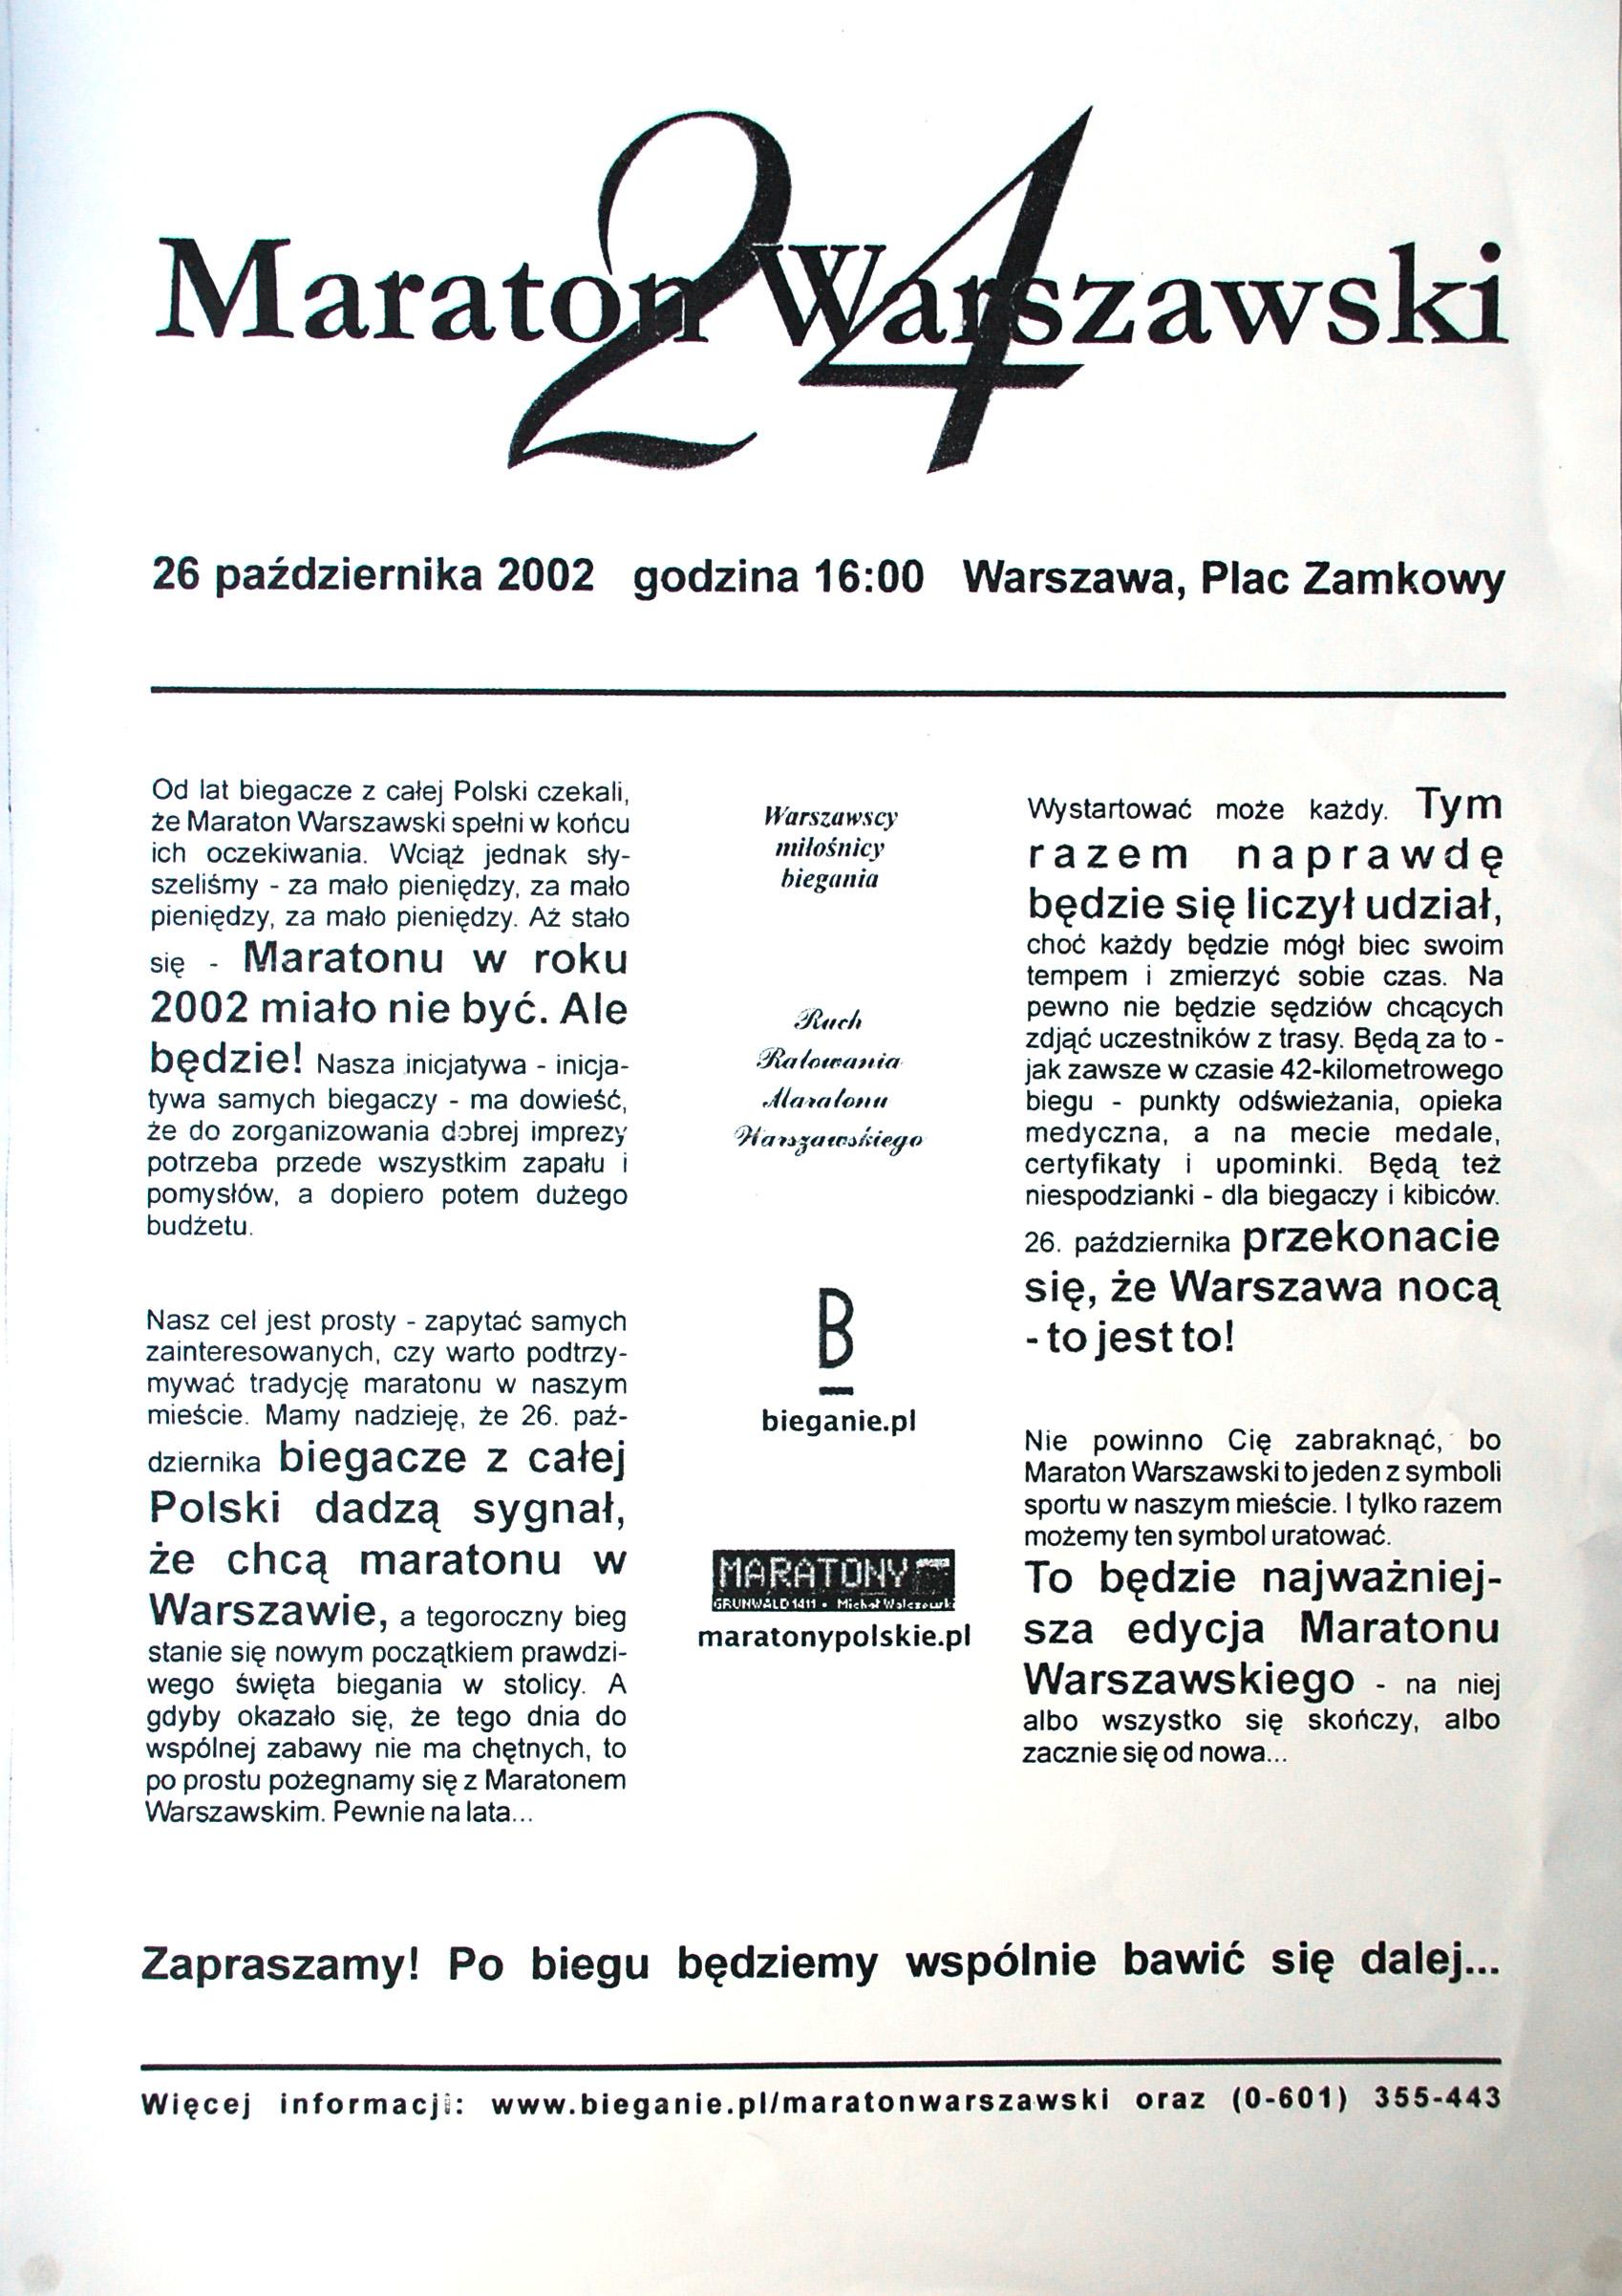 plakat-2002-resize